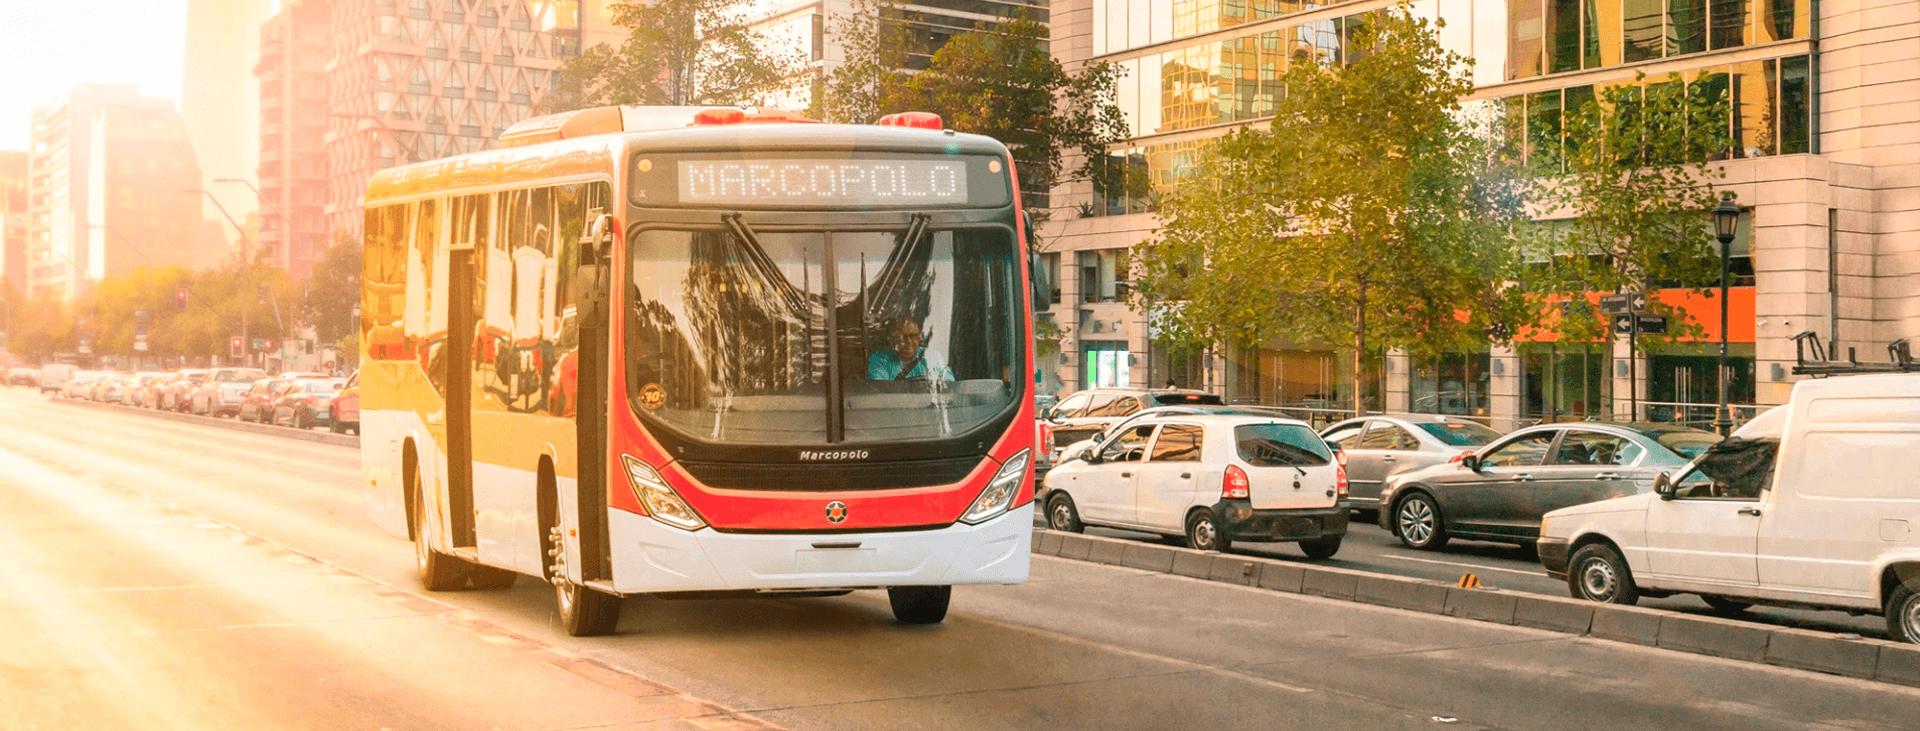 mercobus-urbanos